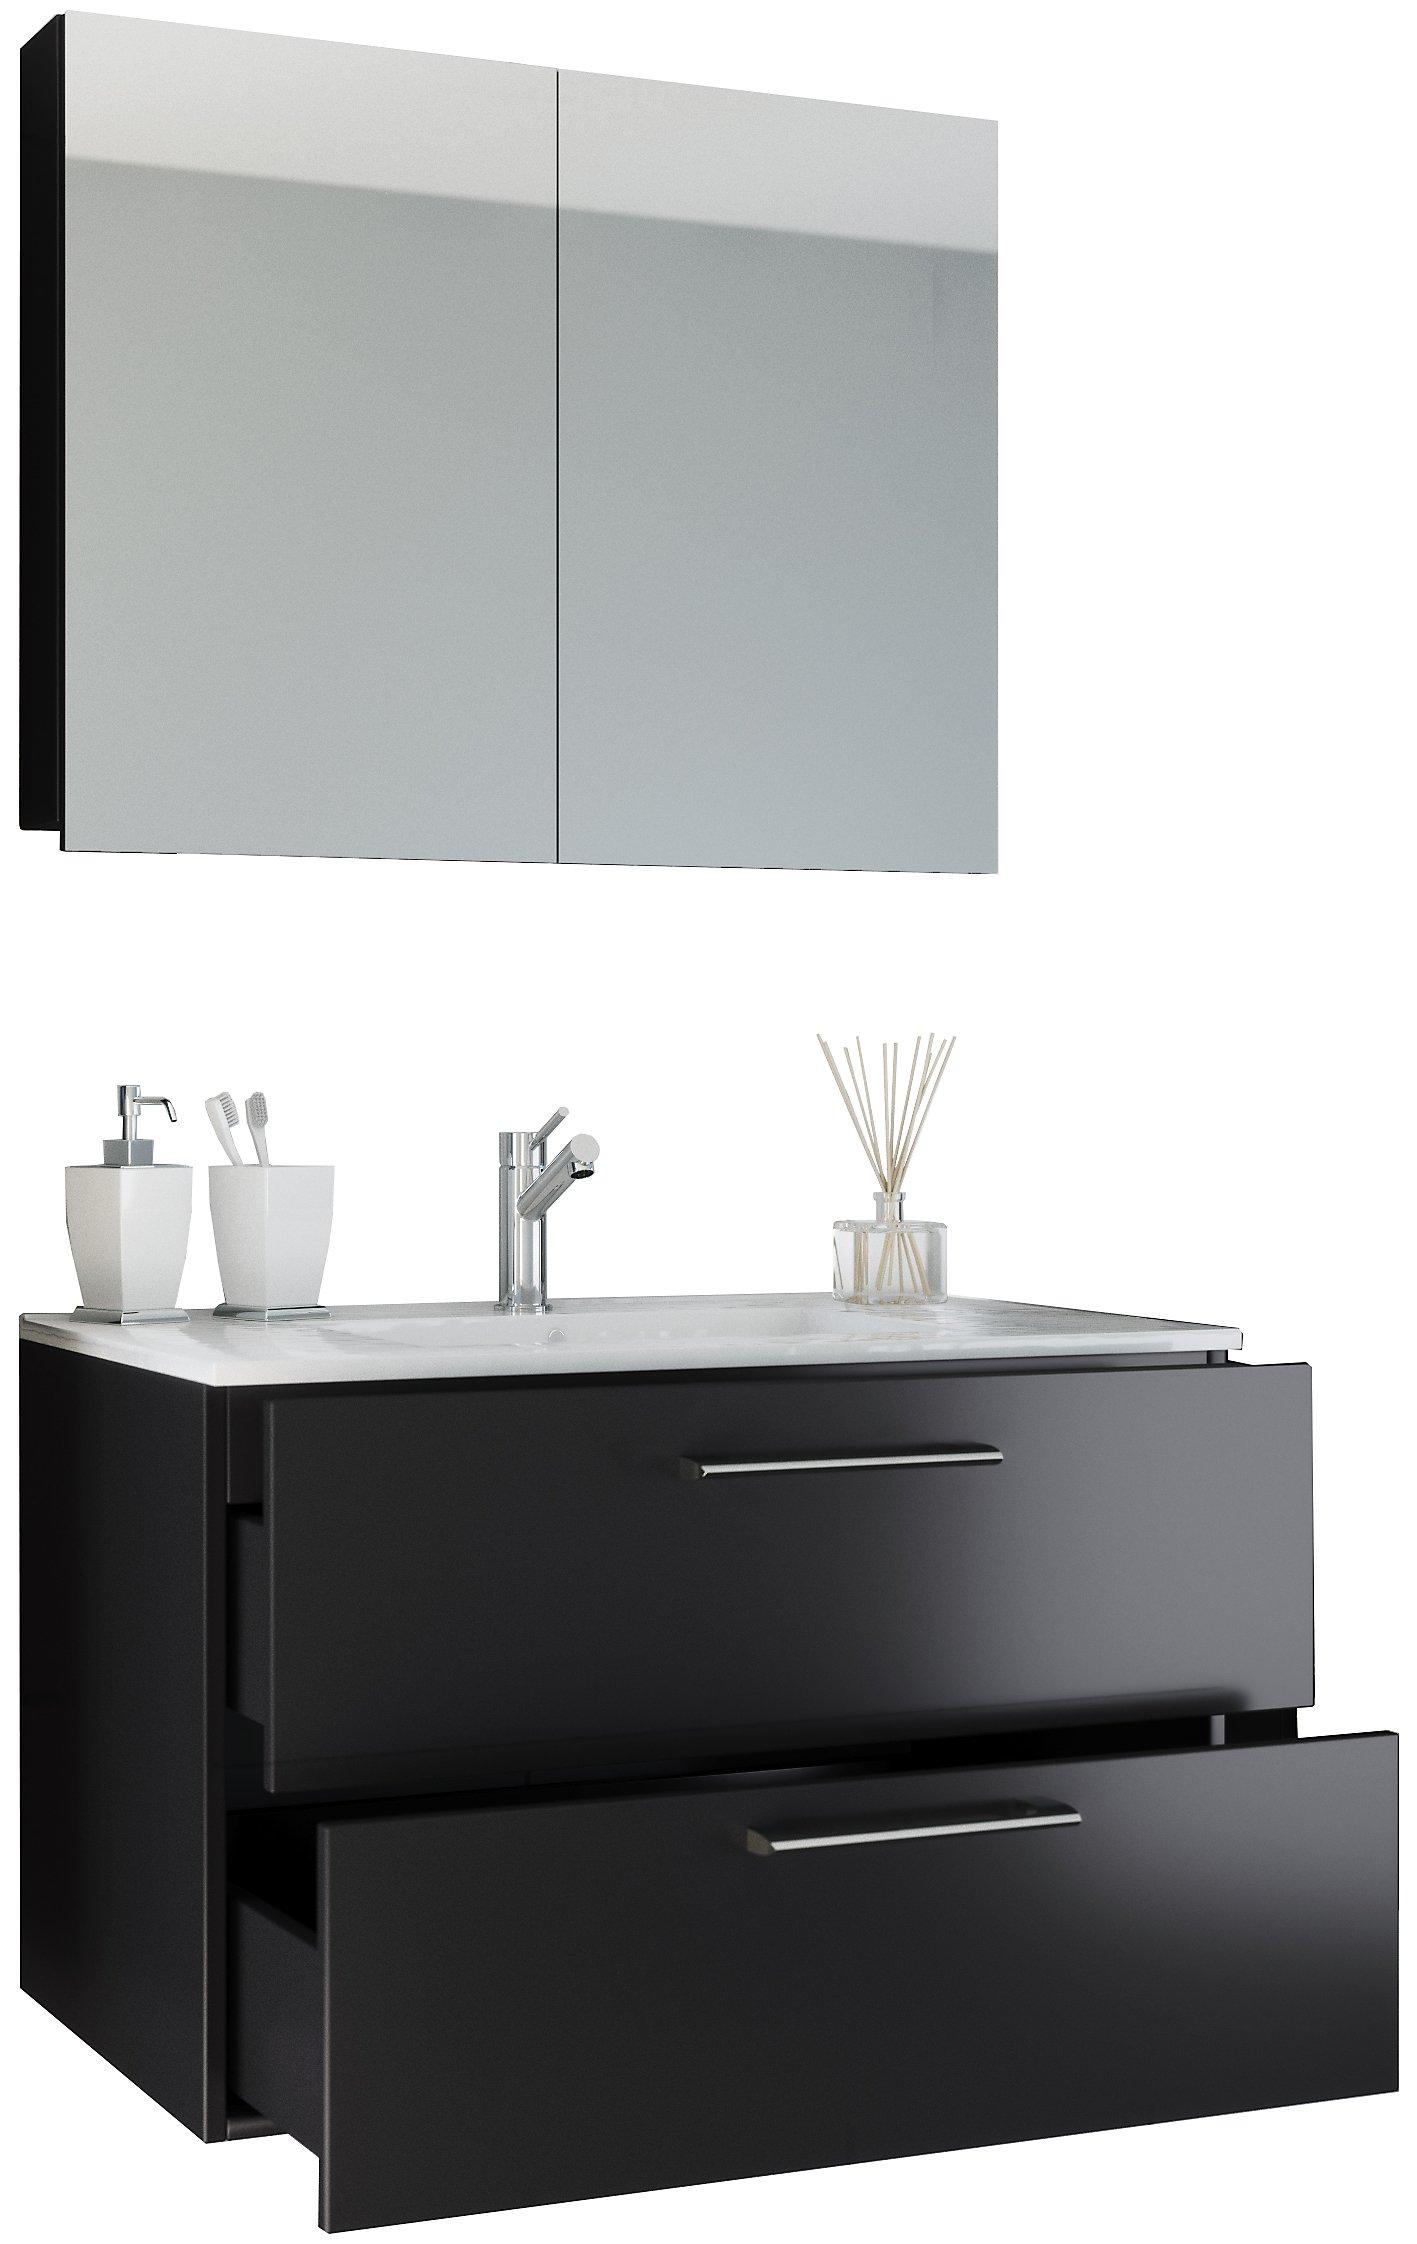 Vcm 3 Tlg Waschplatz Badmobel Badezimmer Set Waschtisch Waschbecken